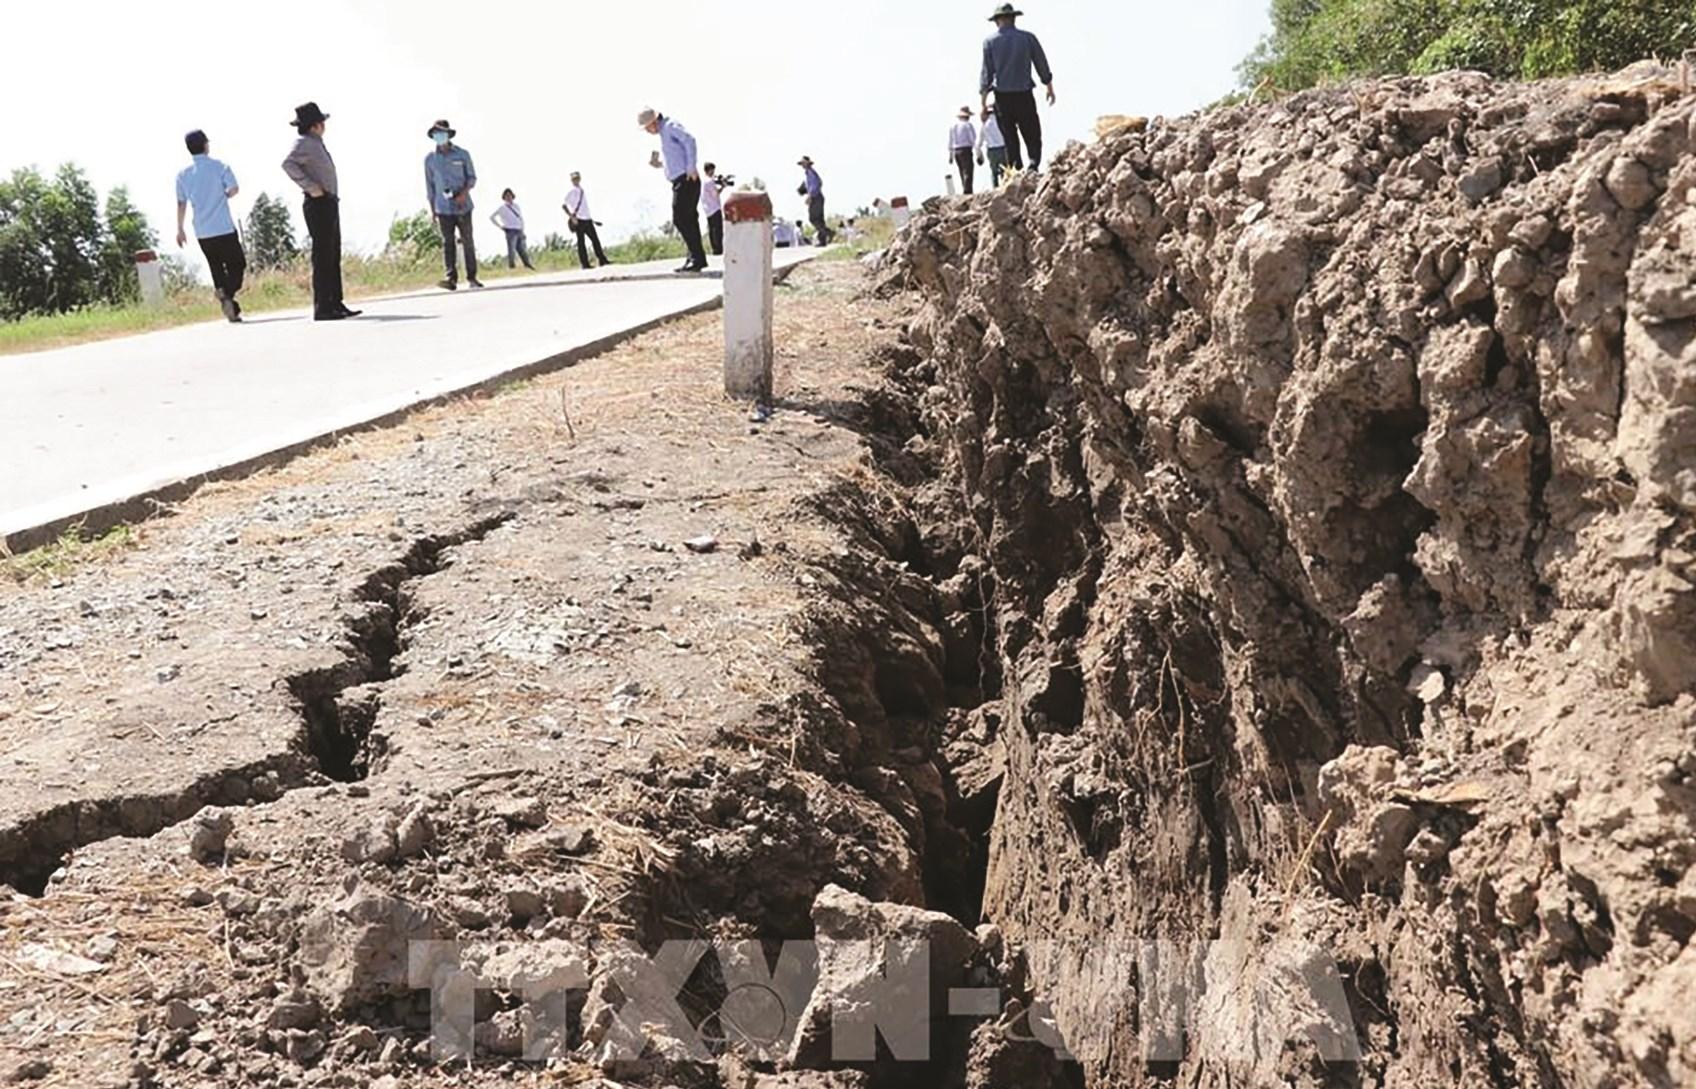 Đoạn đê biển Tây Cà Mau, đoạn từ Kênh Mới đến Đá Bạc (thuộc ấp Kinh Hòn, xã Khánh Bình Tây, huyện Trần Văn Thời) bị sụt lún